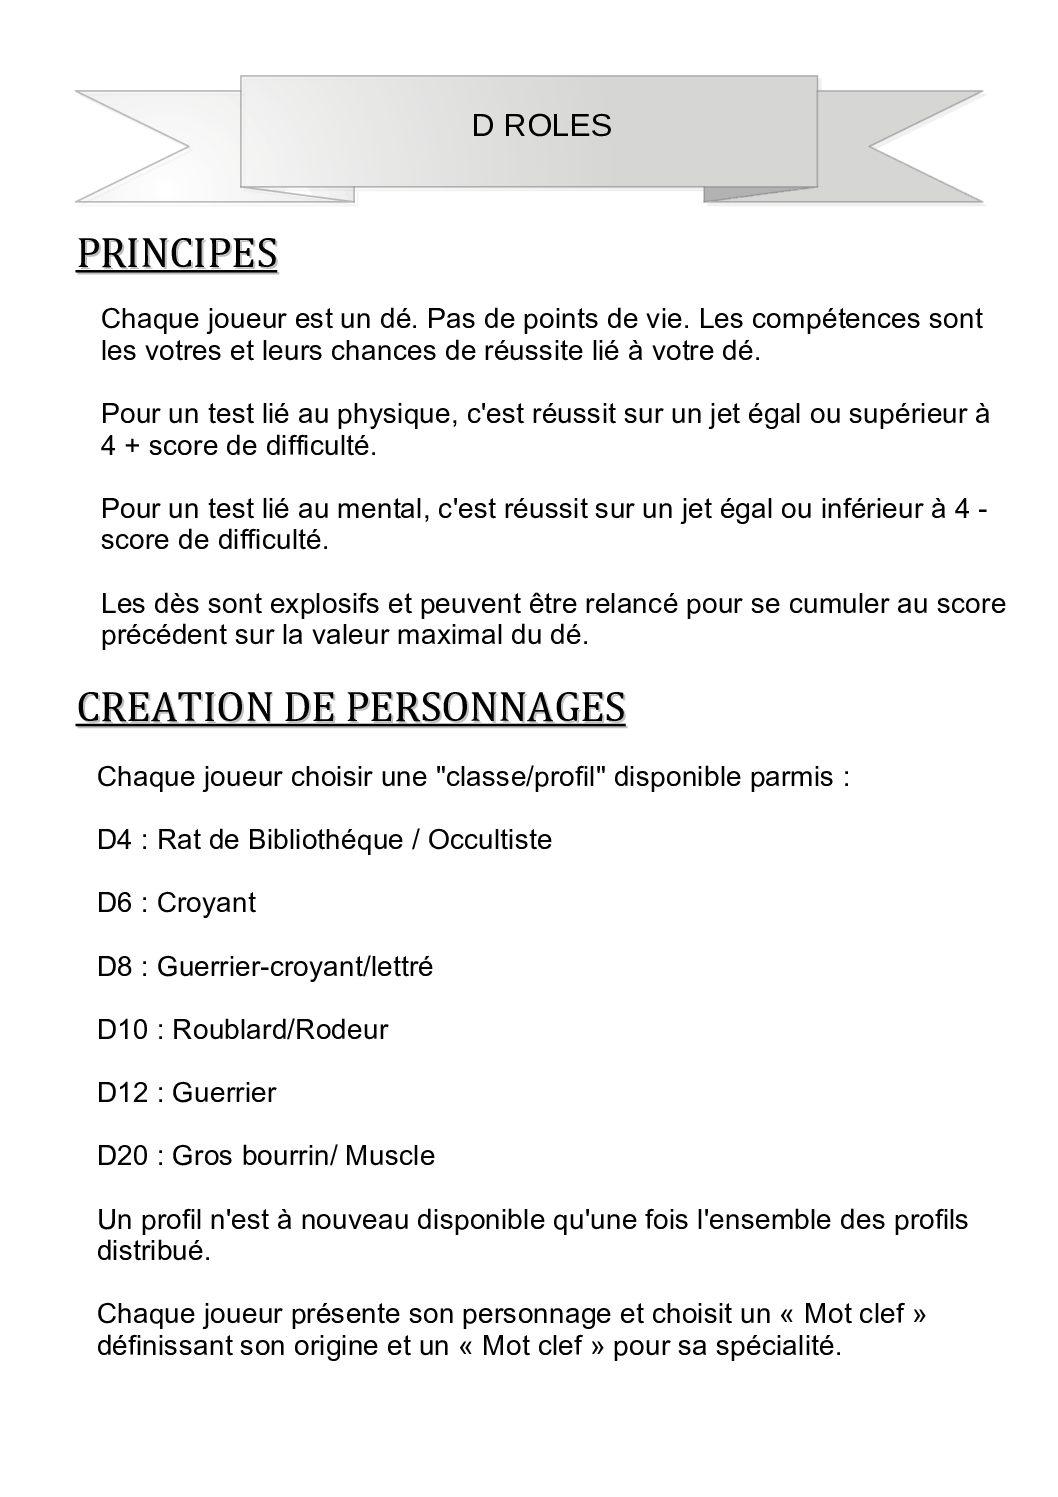 Jeu de rôle court : D-roles par Gilles Becq